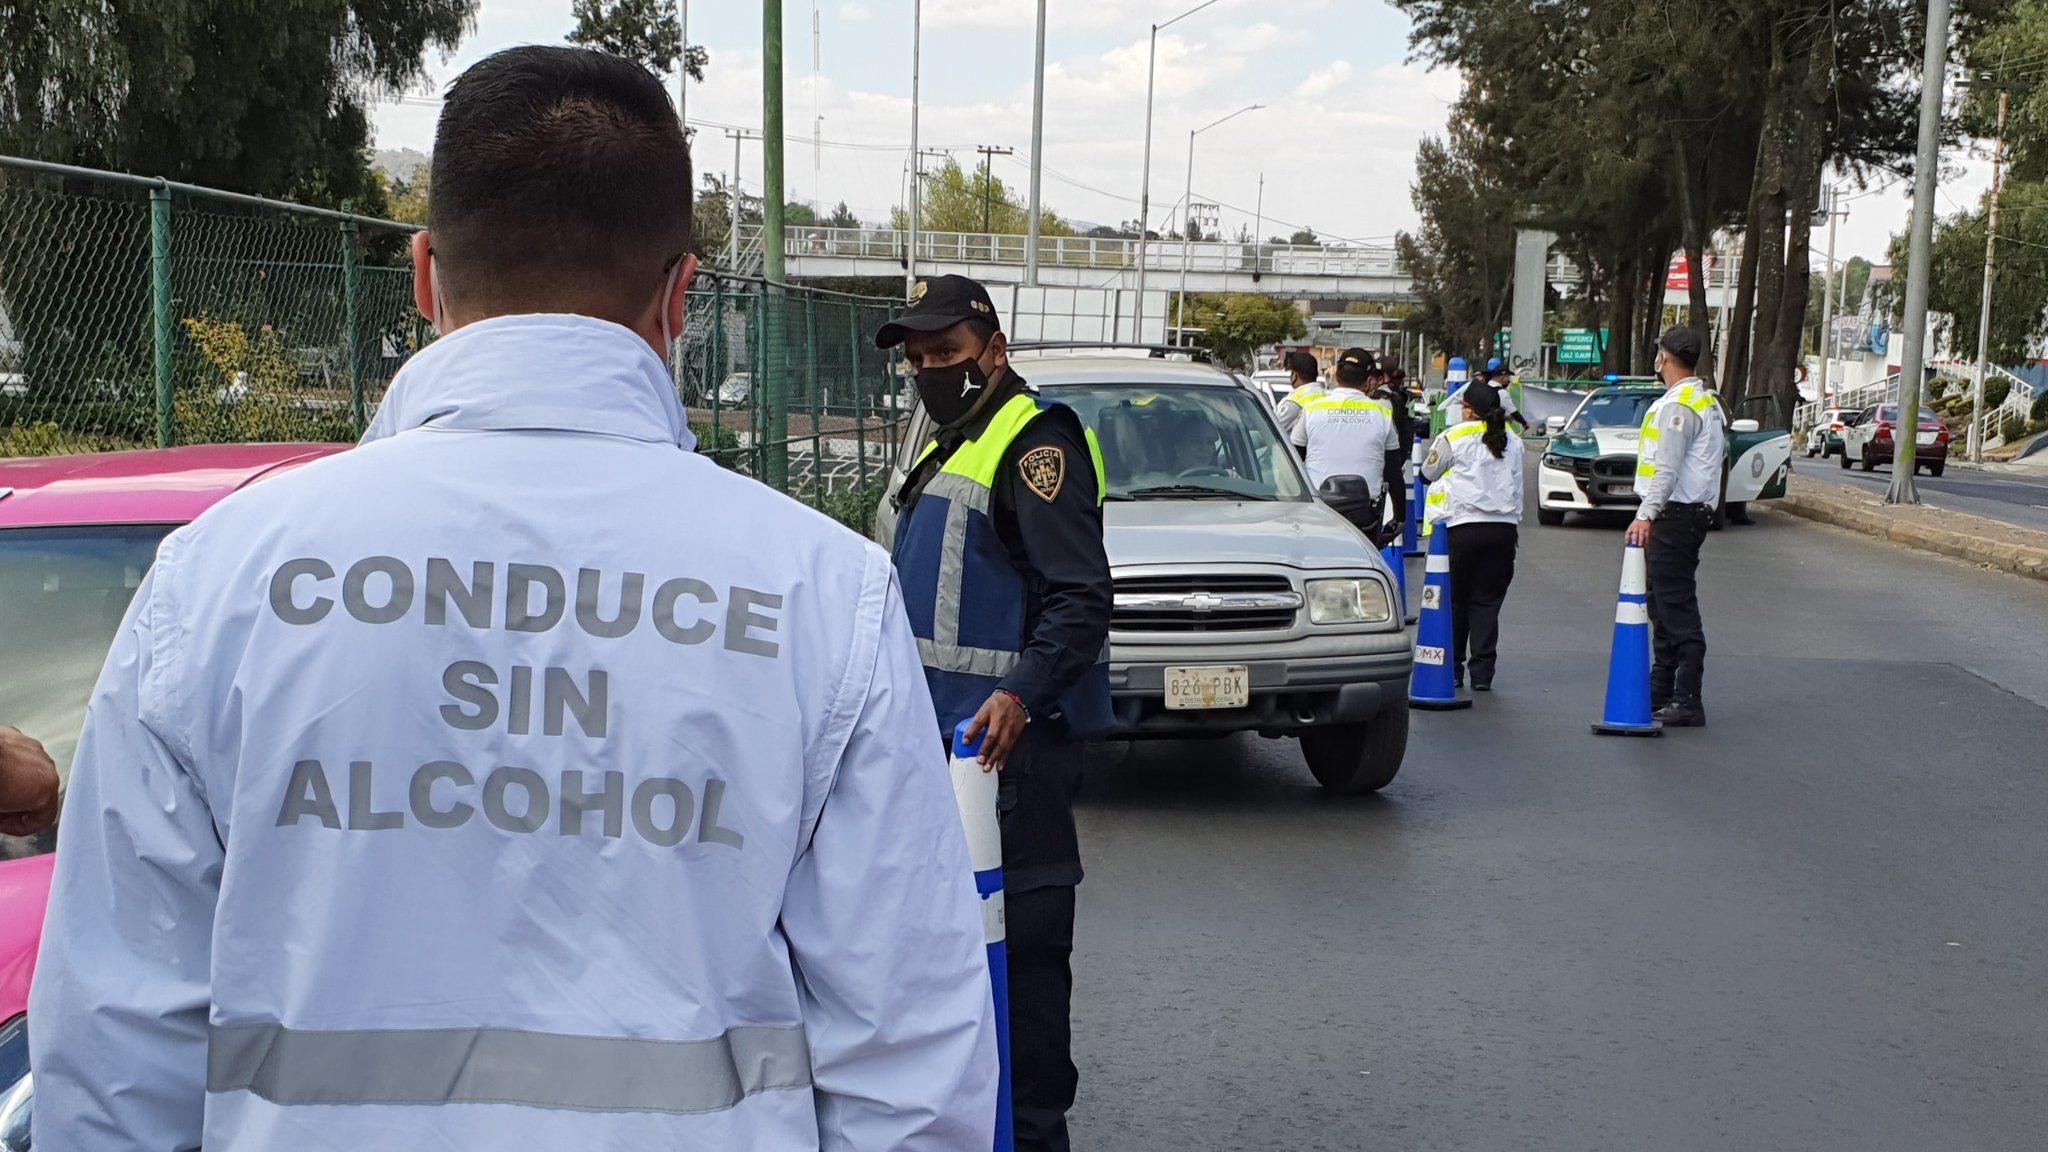 Cambian reglamento de tránsito de CDMX: endurecen sanciones por alcoholímetro